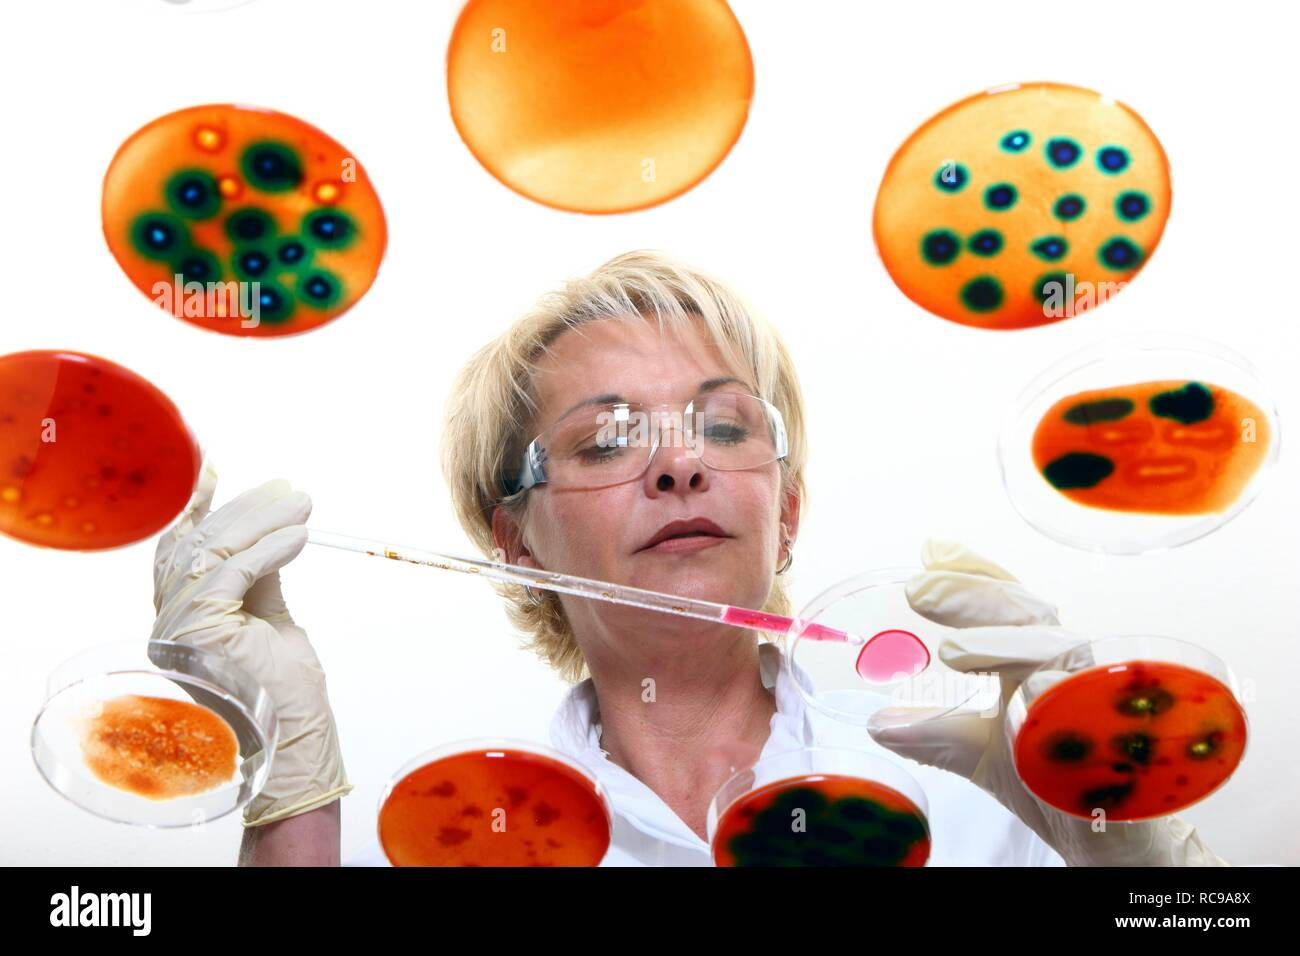 Technicien de laboratoire travaillant avec des cultures de bactéries dans des boîtes de pétri dans le laboratoire Photo Stock